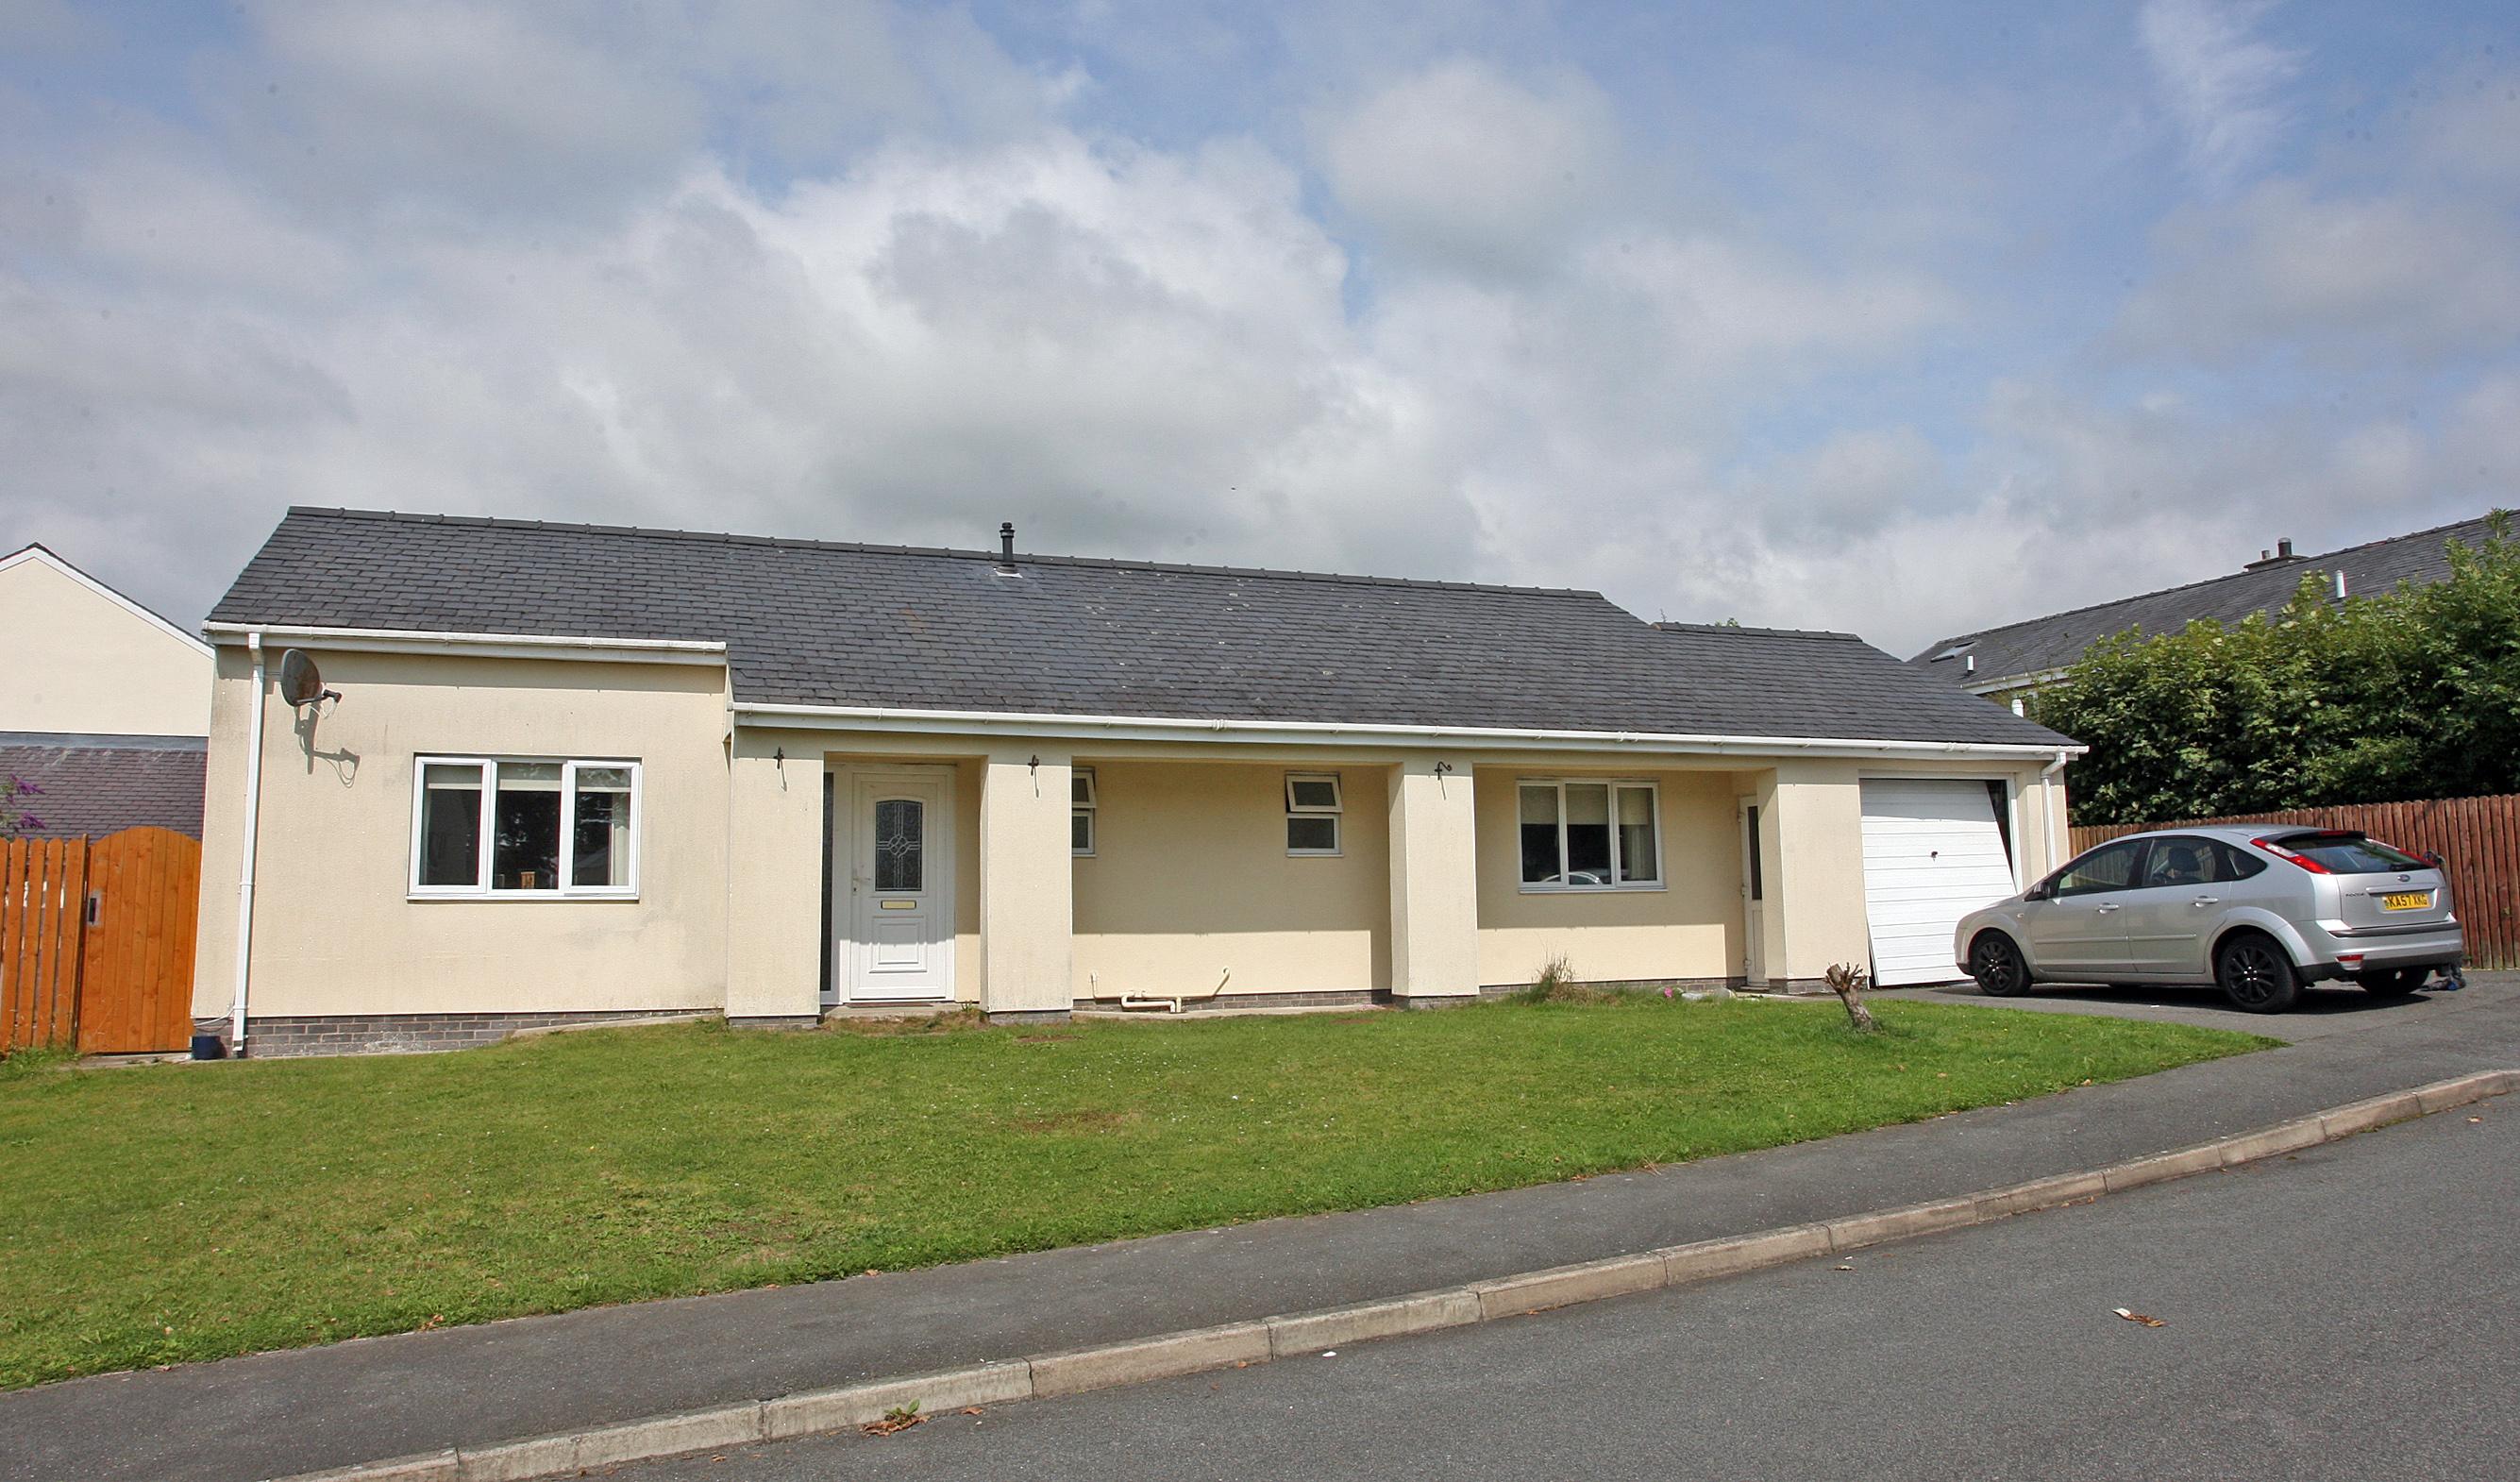 Cefn Dyffryn, Groeslon, North Wales